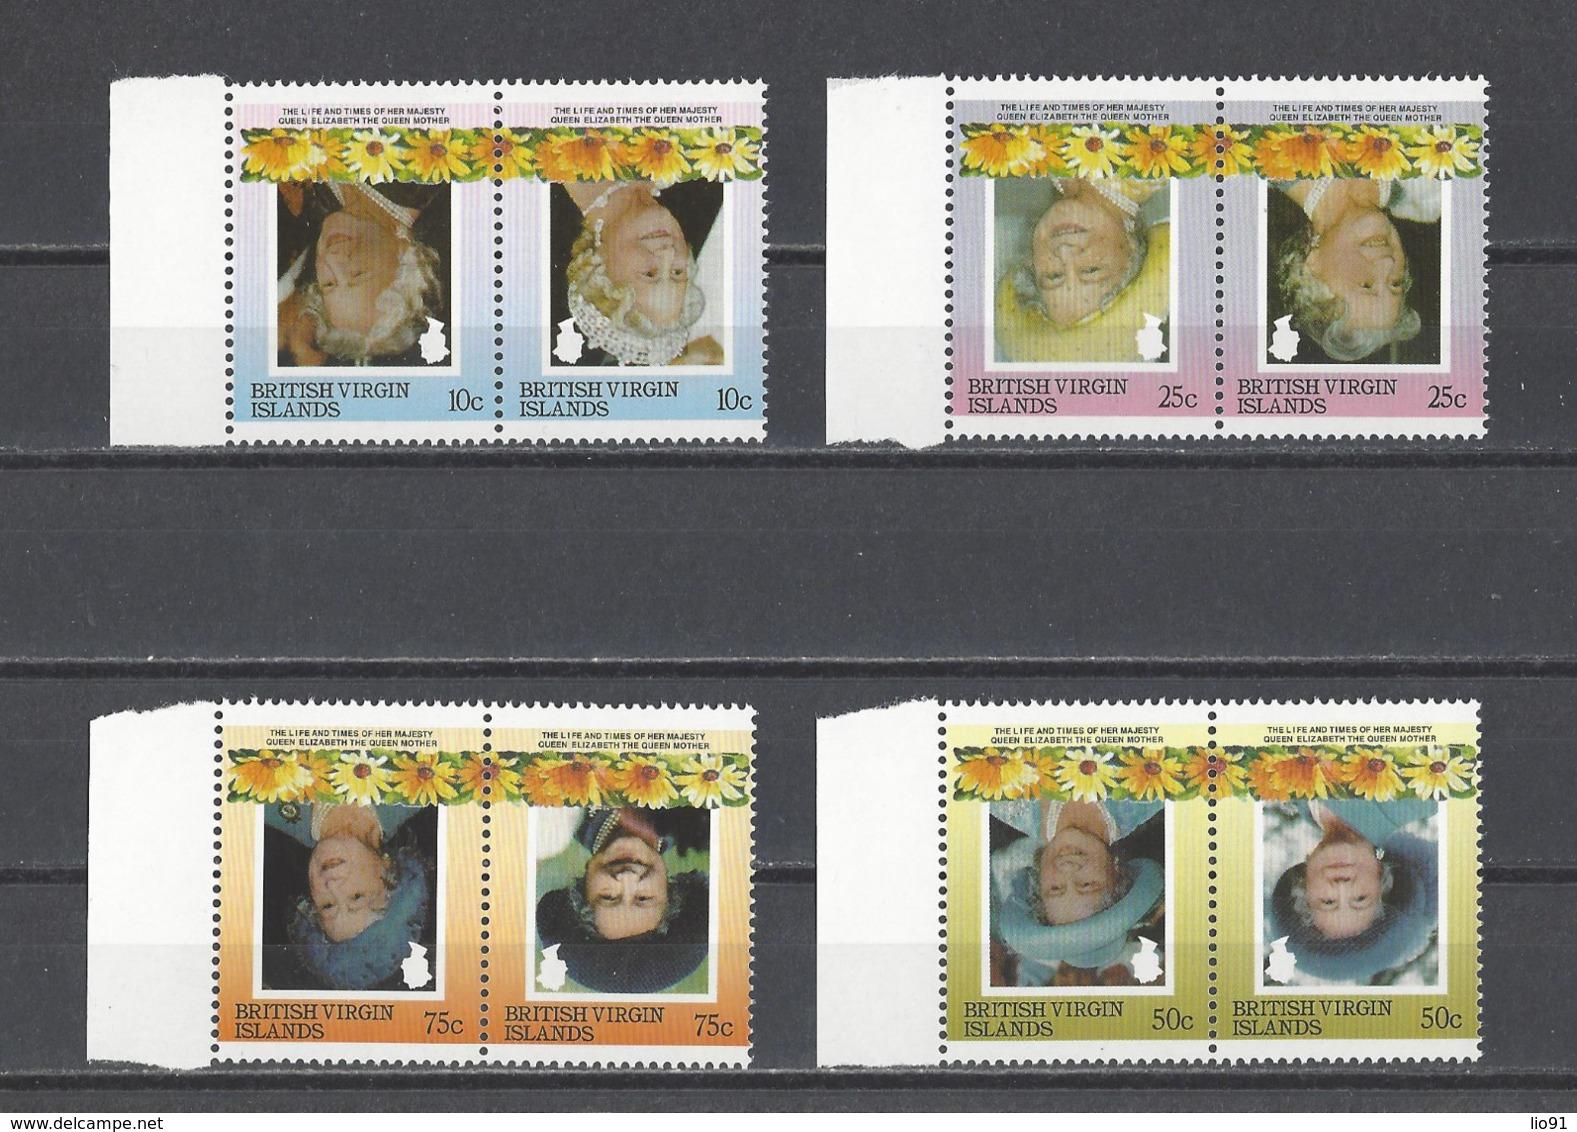 ILES VIERGES   YT  SM Elizabeth II  Centre Renversé  Neuf **  1985 - Iles Vièrges Britanniques